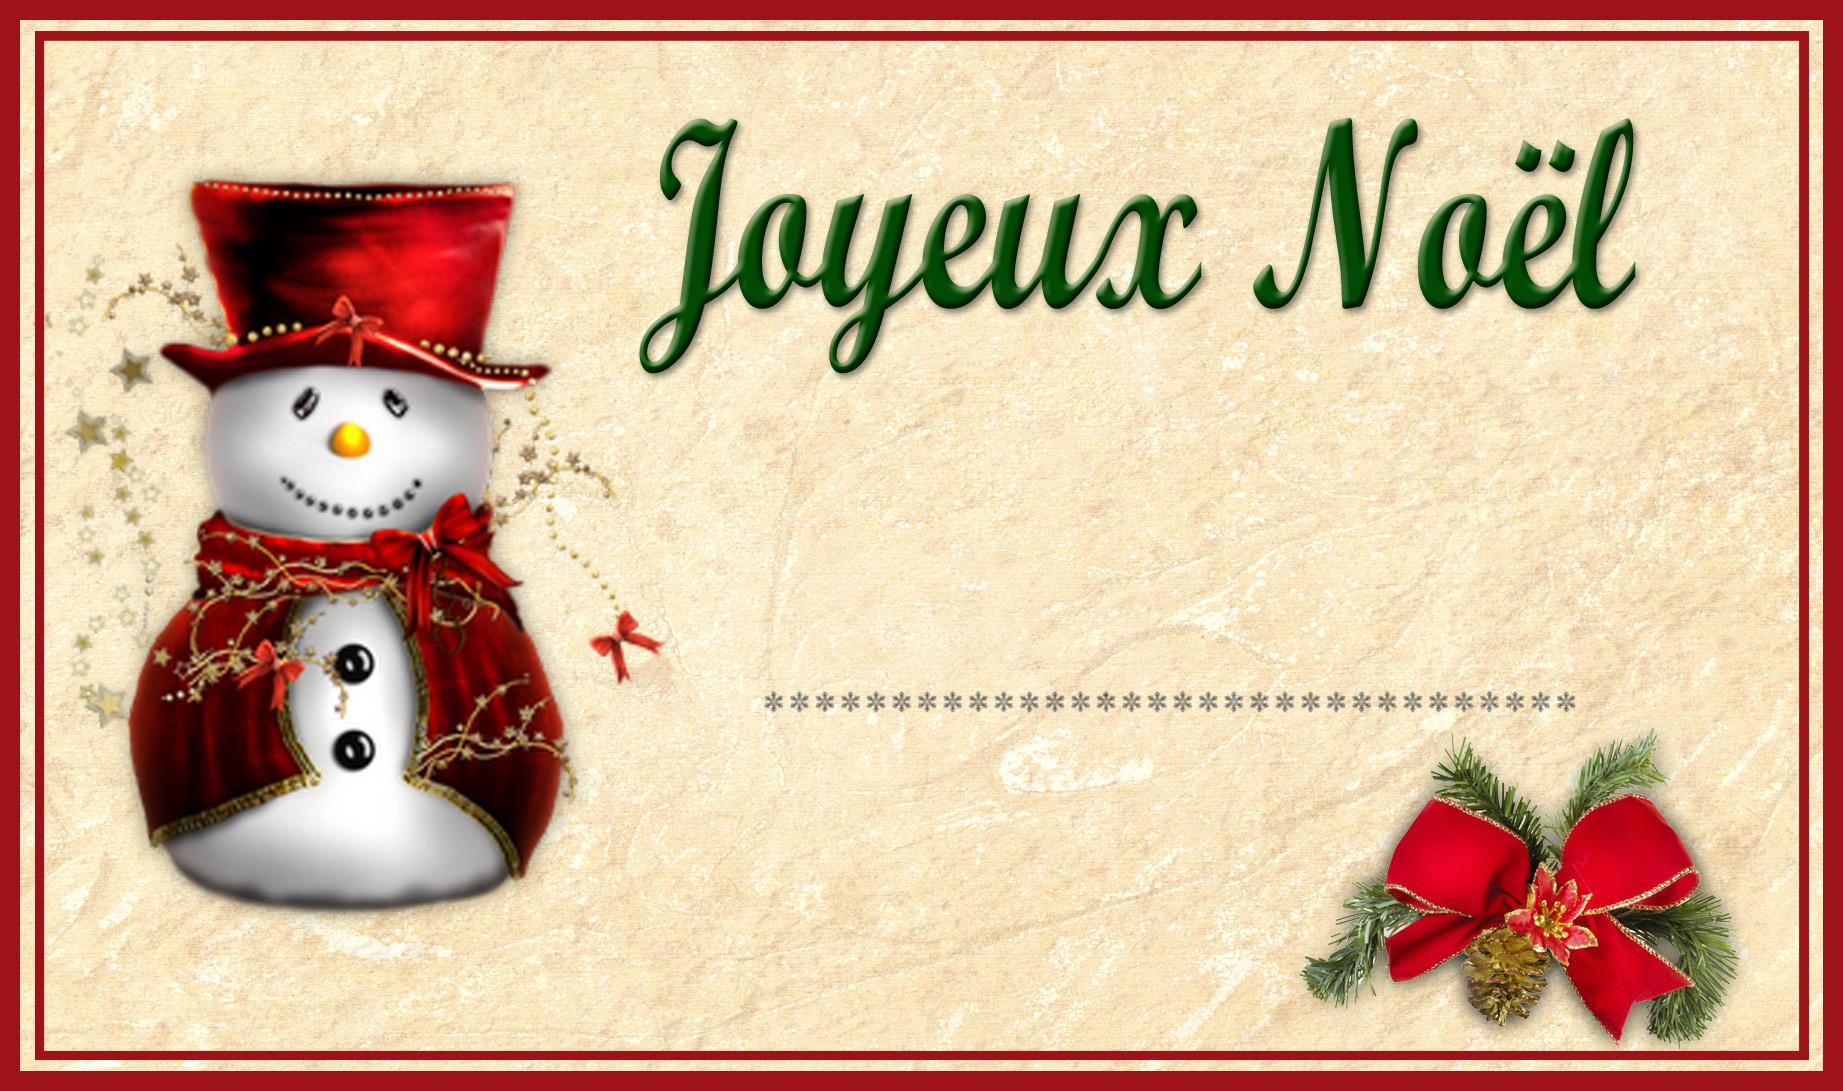 Etiquettes De Noël À Imprimer - Chez-Mireille D serapportantà Etiquette Noel À Imprimer